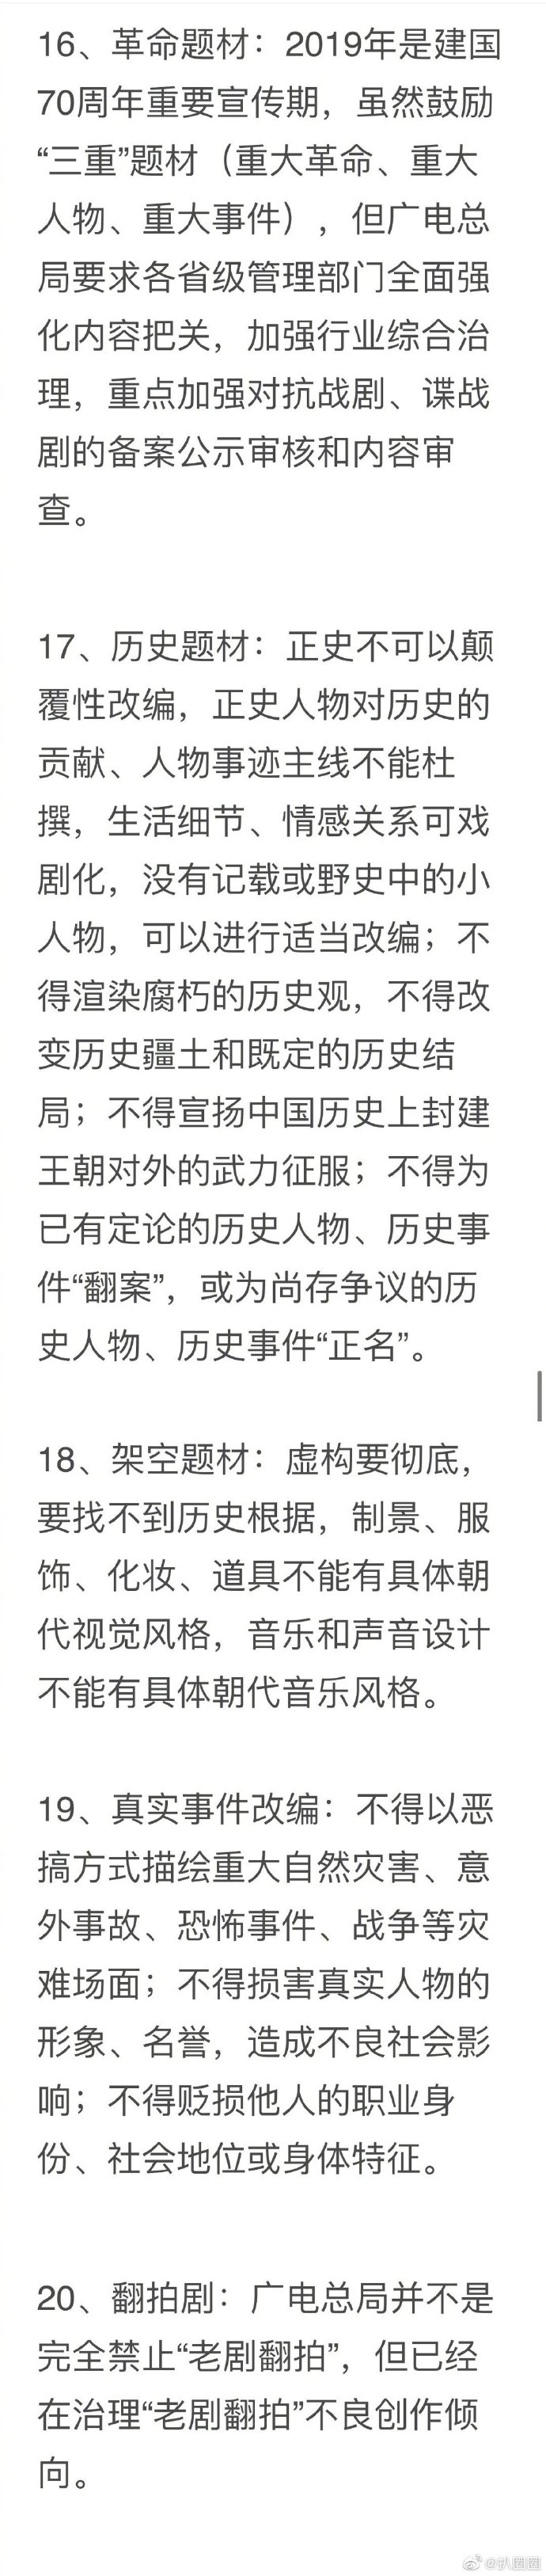 談戀愛不能太甜!陸劇狂祭「20條禁令」 網崩潰:只能看新聞